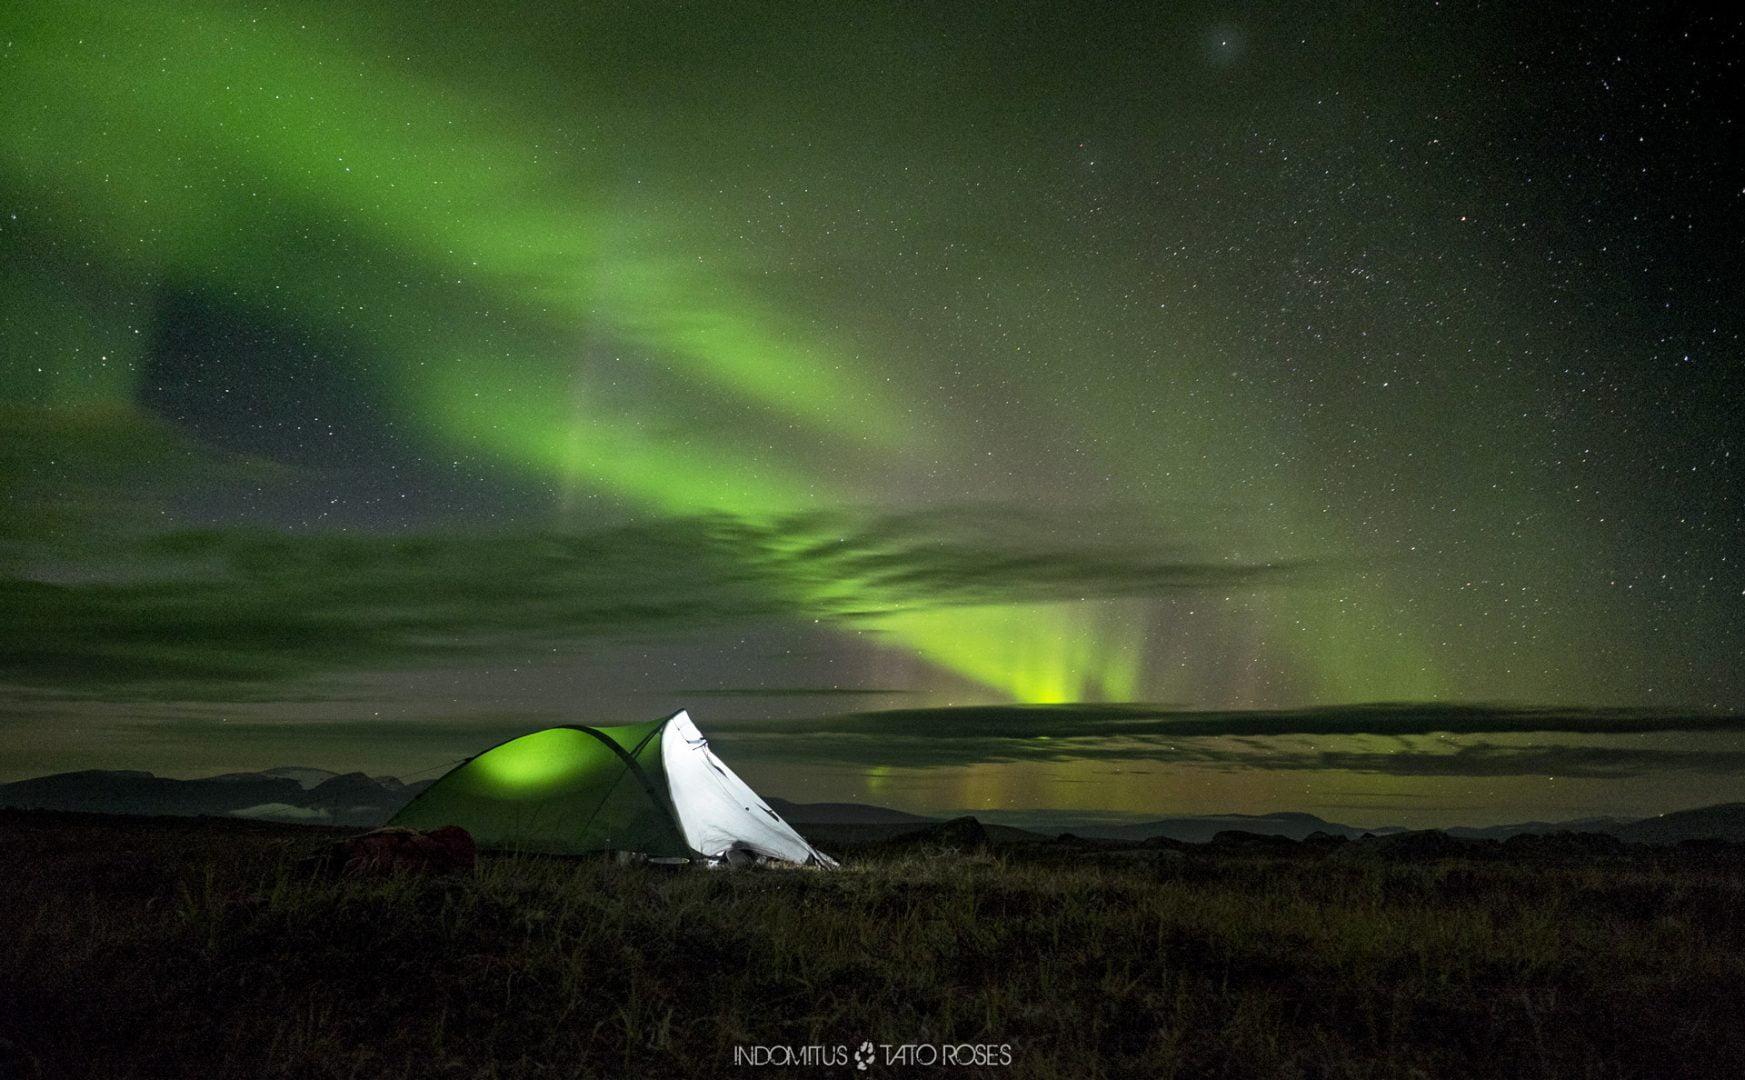 Campamento y aurora boreal